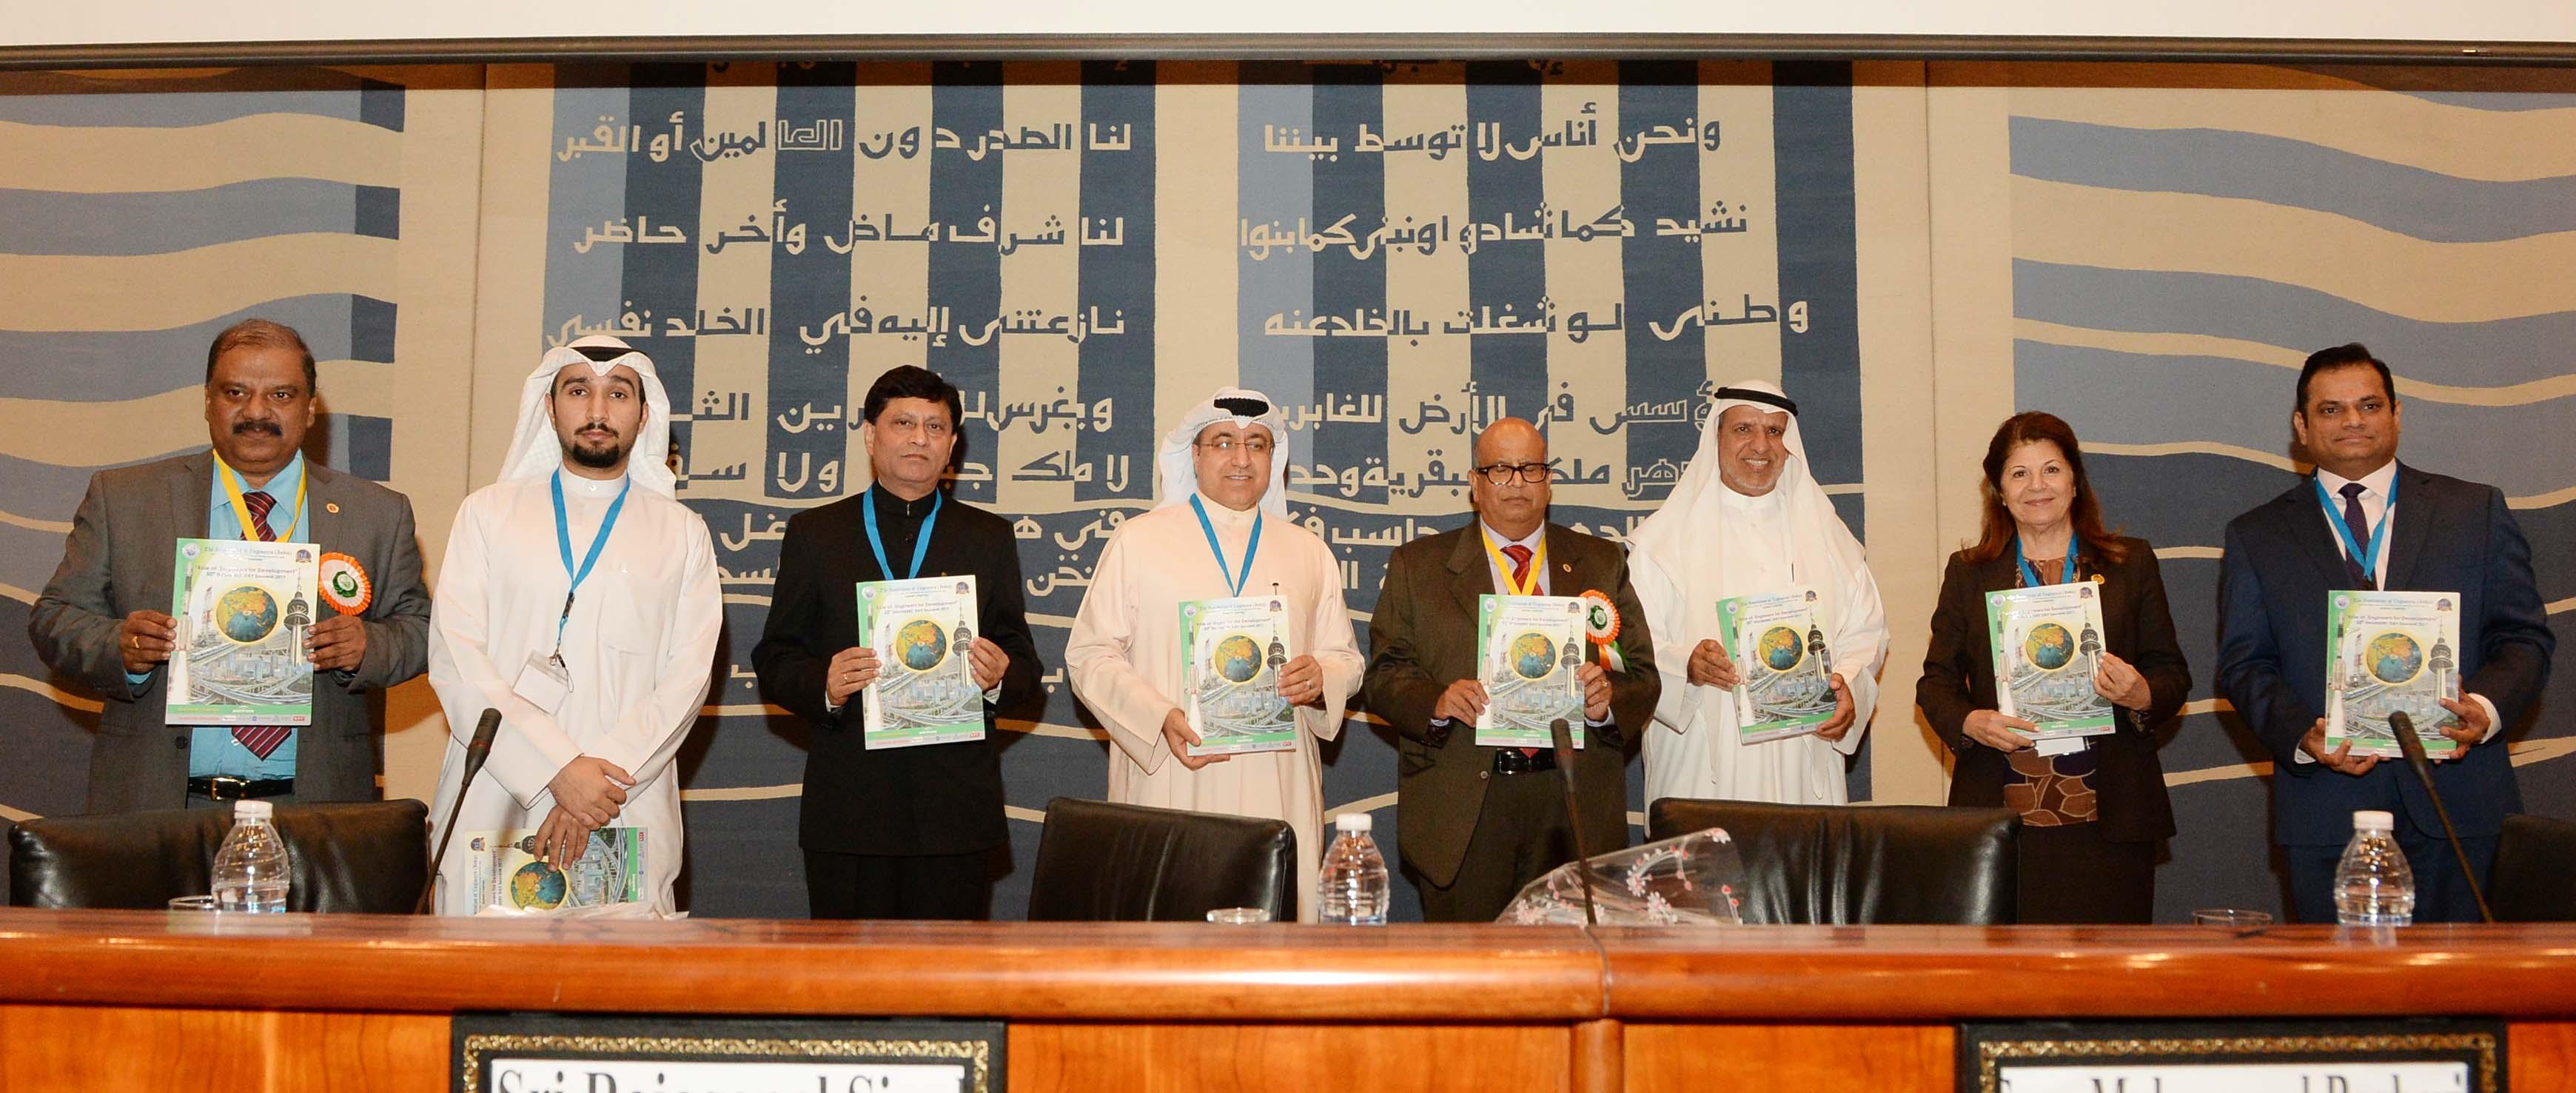 الجمعية رعت الاحتفال السنوي يوم المهندس الهندي في الكويت